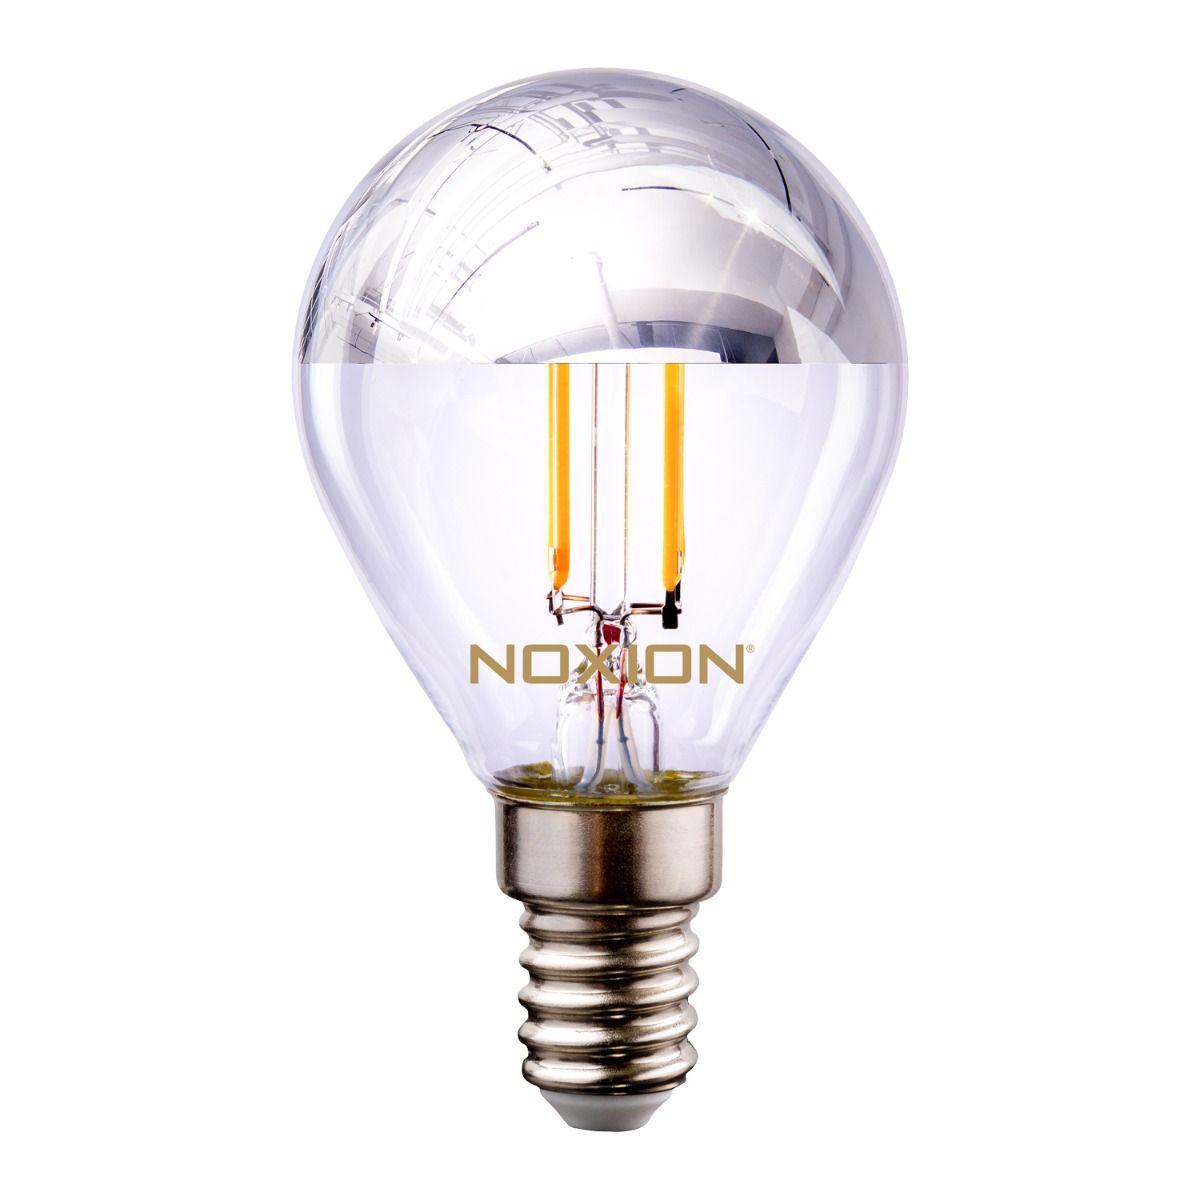 Noxion Lucent Fadenlampe LED Lustre Silber Spiegel P45 E14 220-240V 4.5W 400LM CRI80 2700K ND (40W eqv)